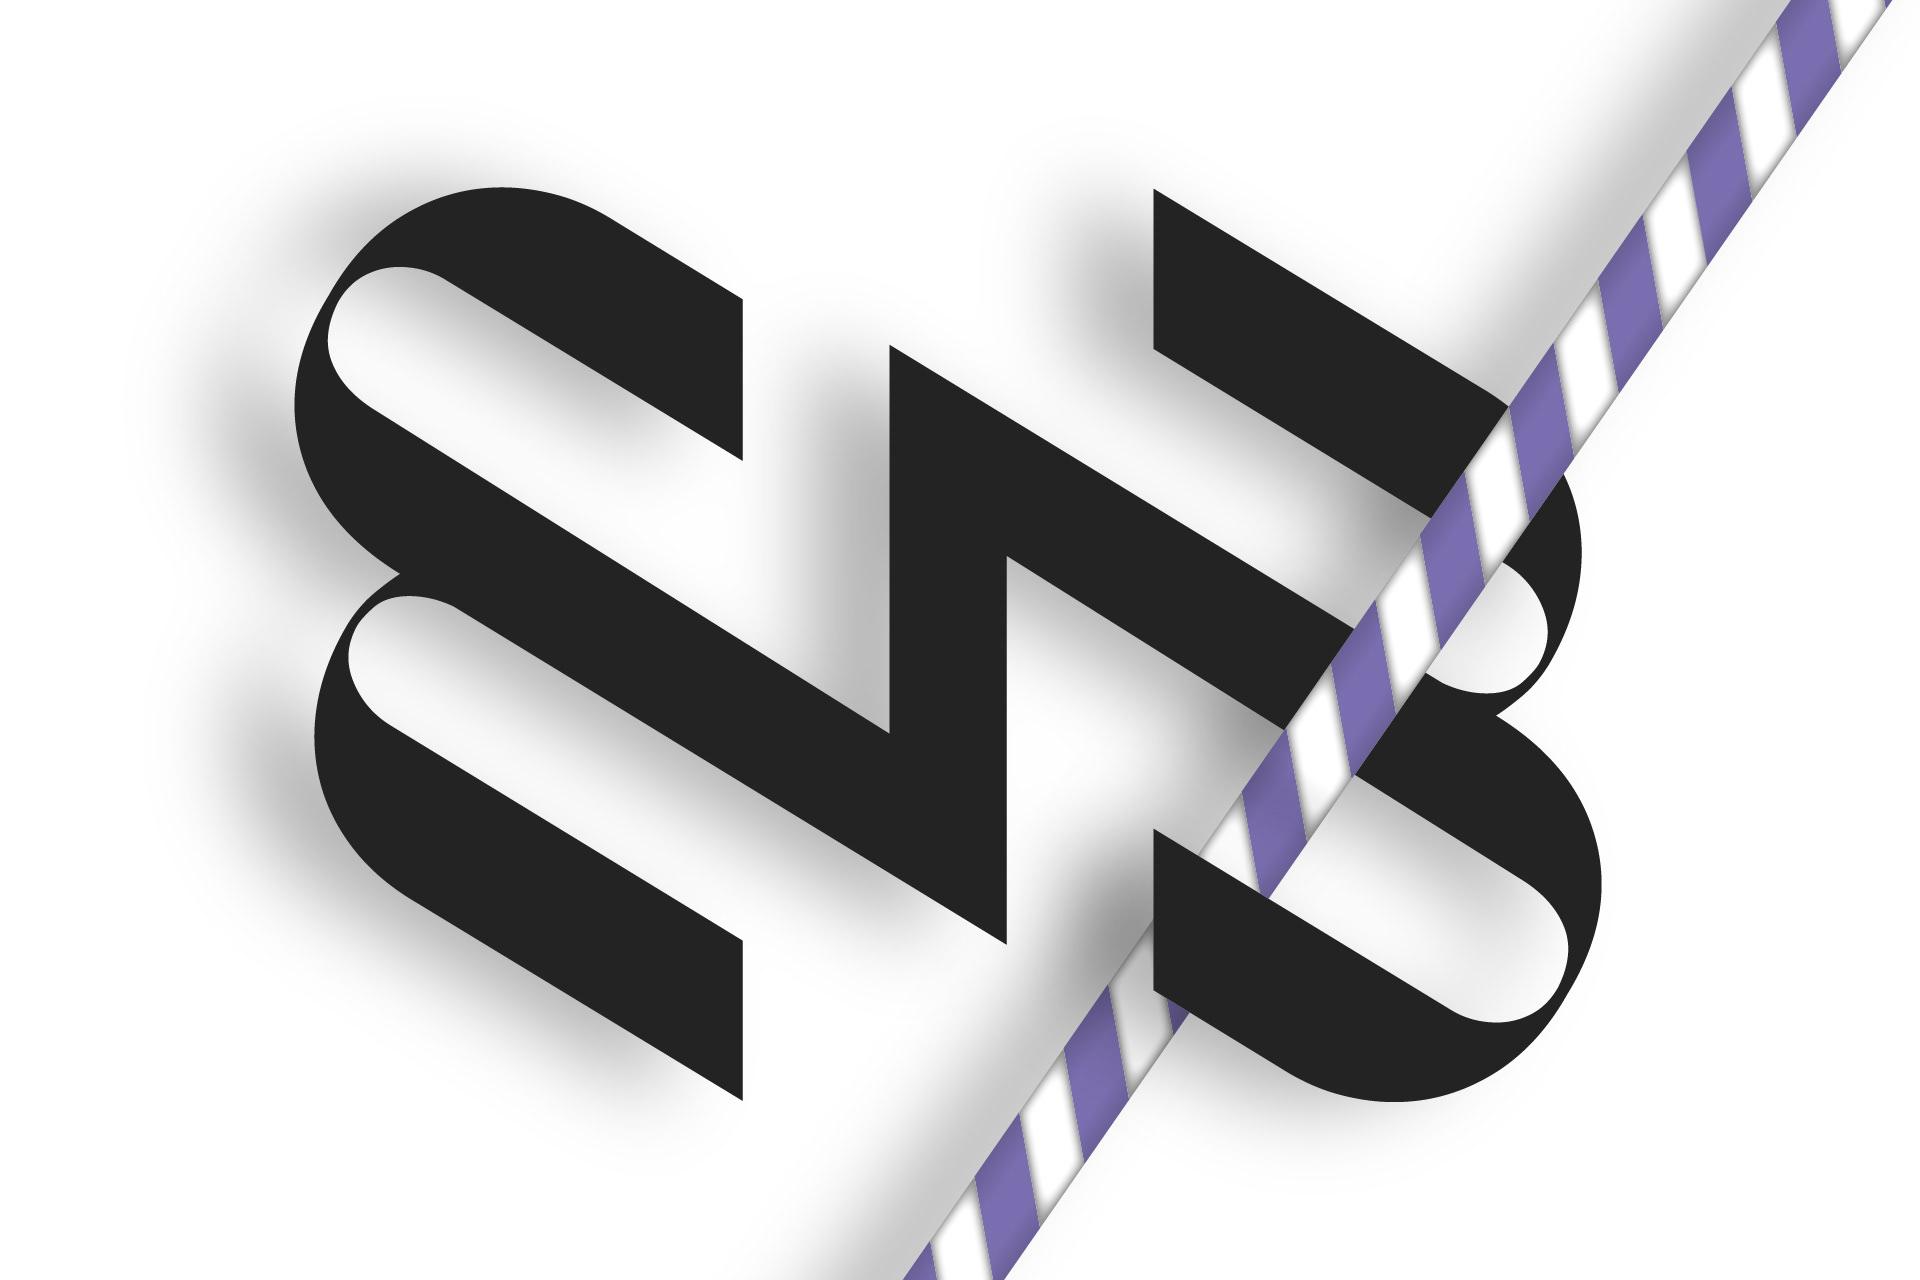 倾斜对角线英文字体下载 Eskos Typeface插图(12)